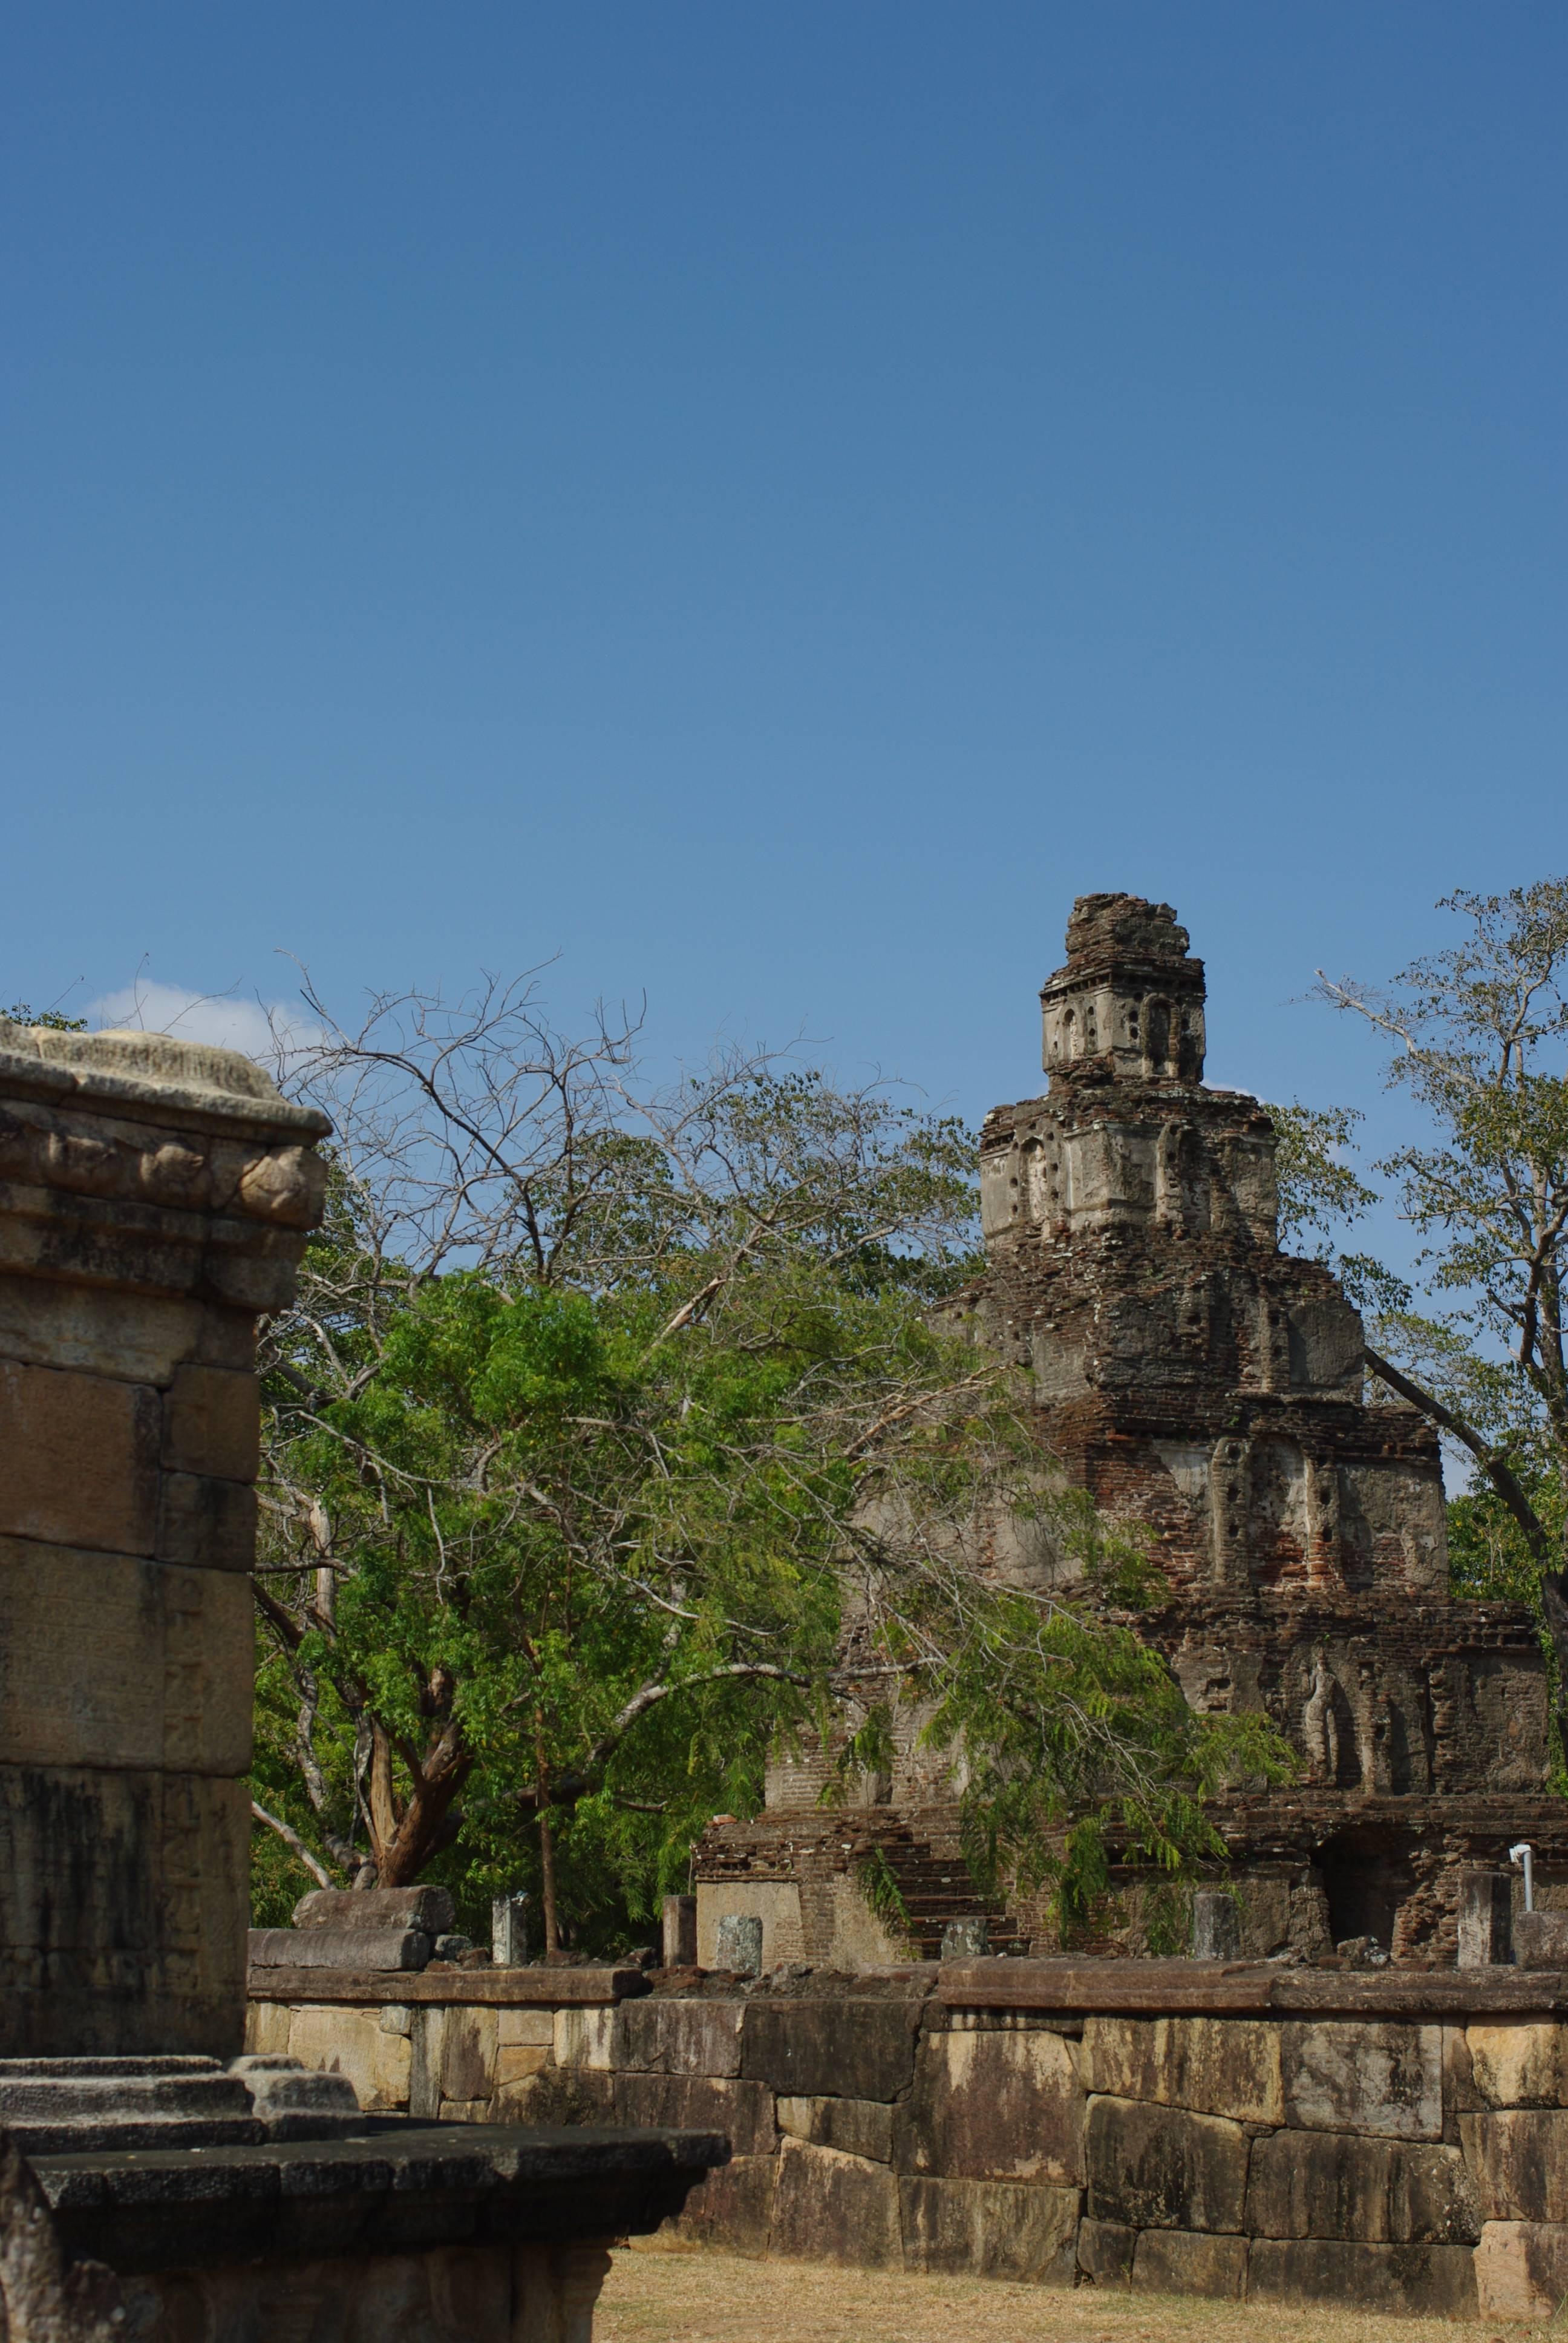 Photo 3: Le site de Polonnaruwa